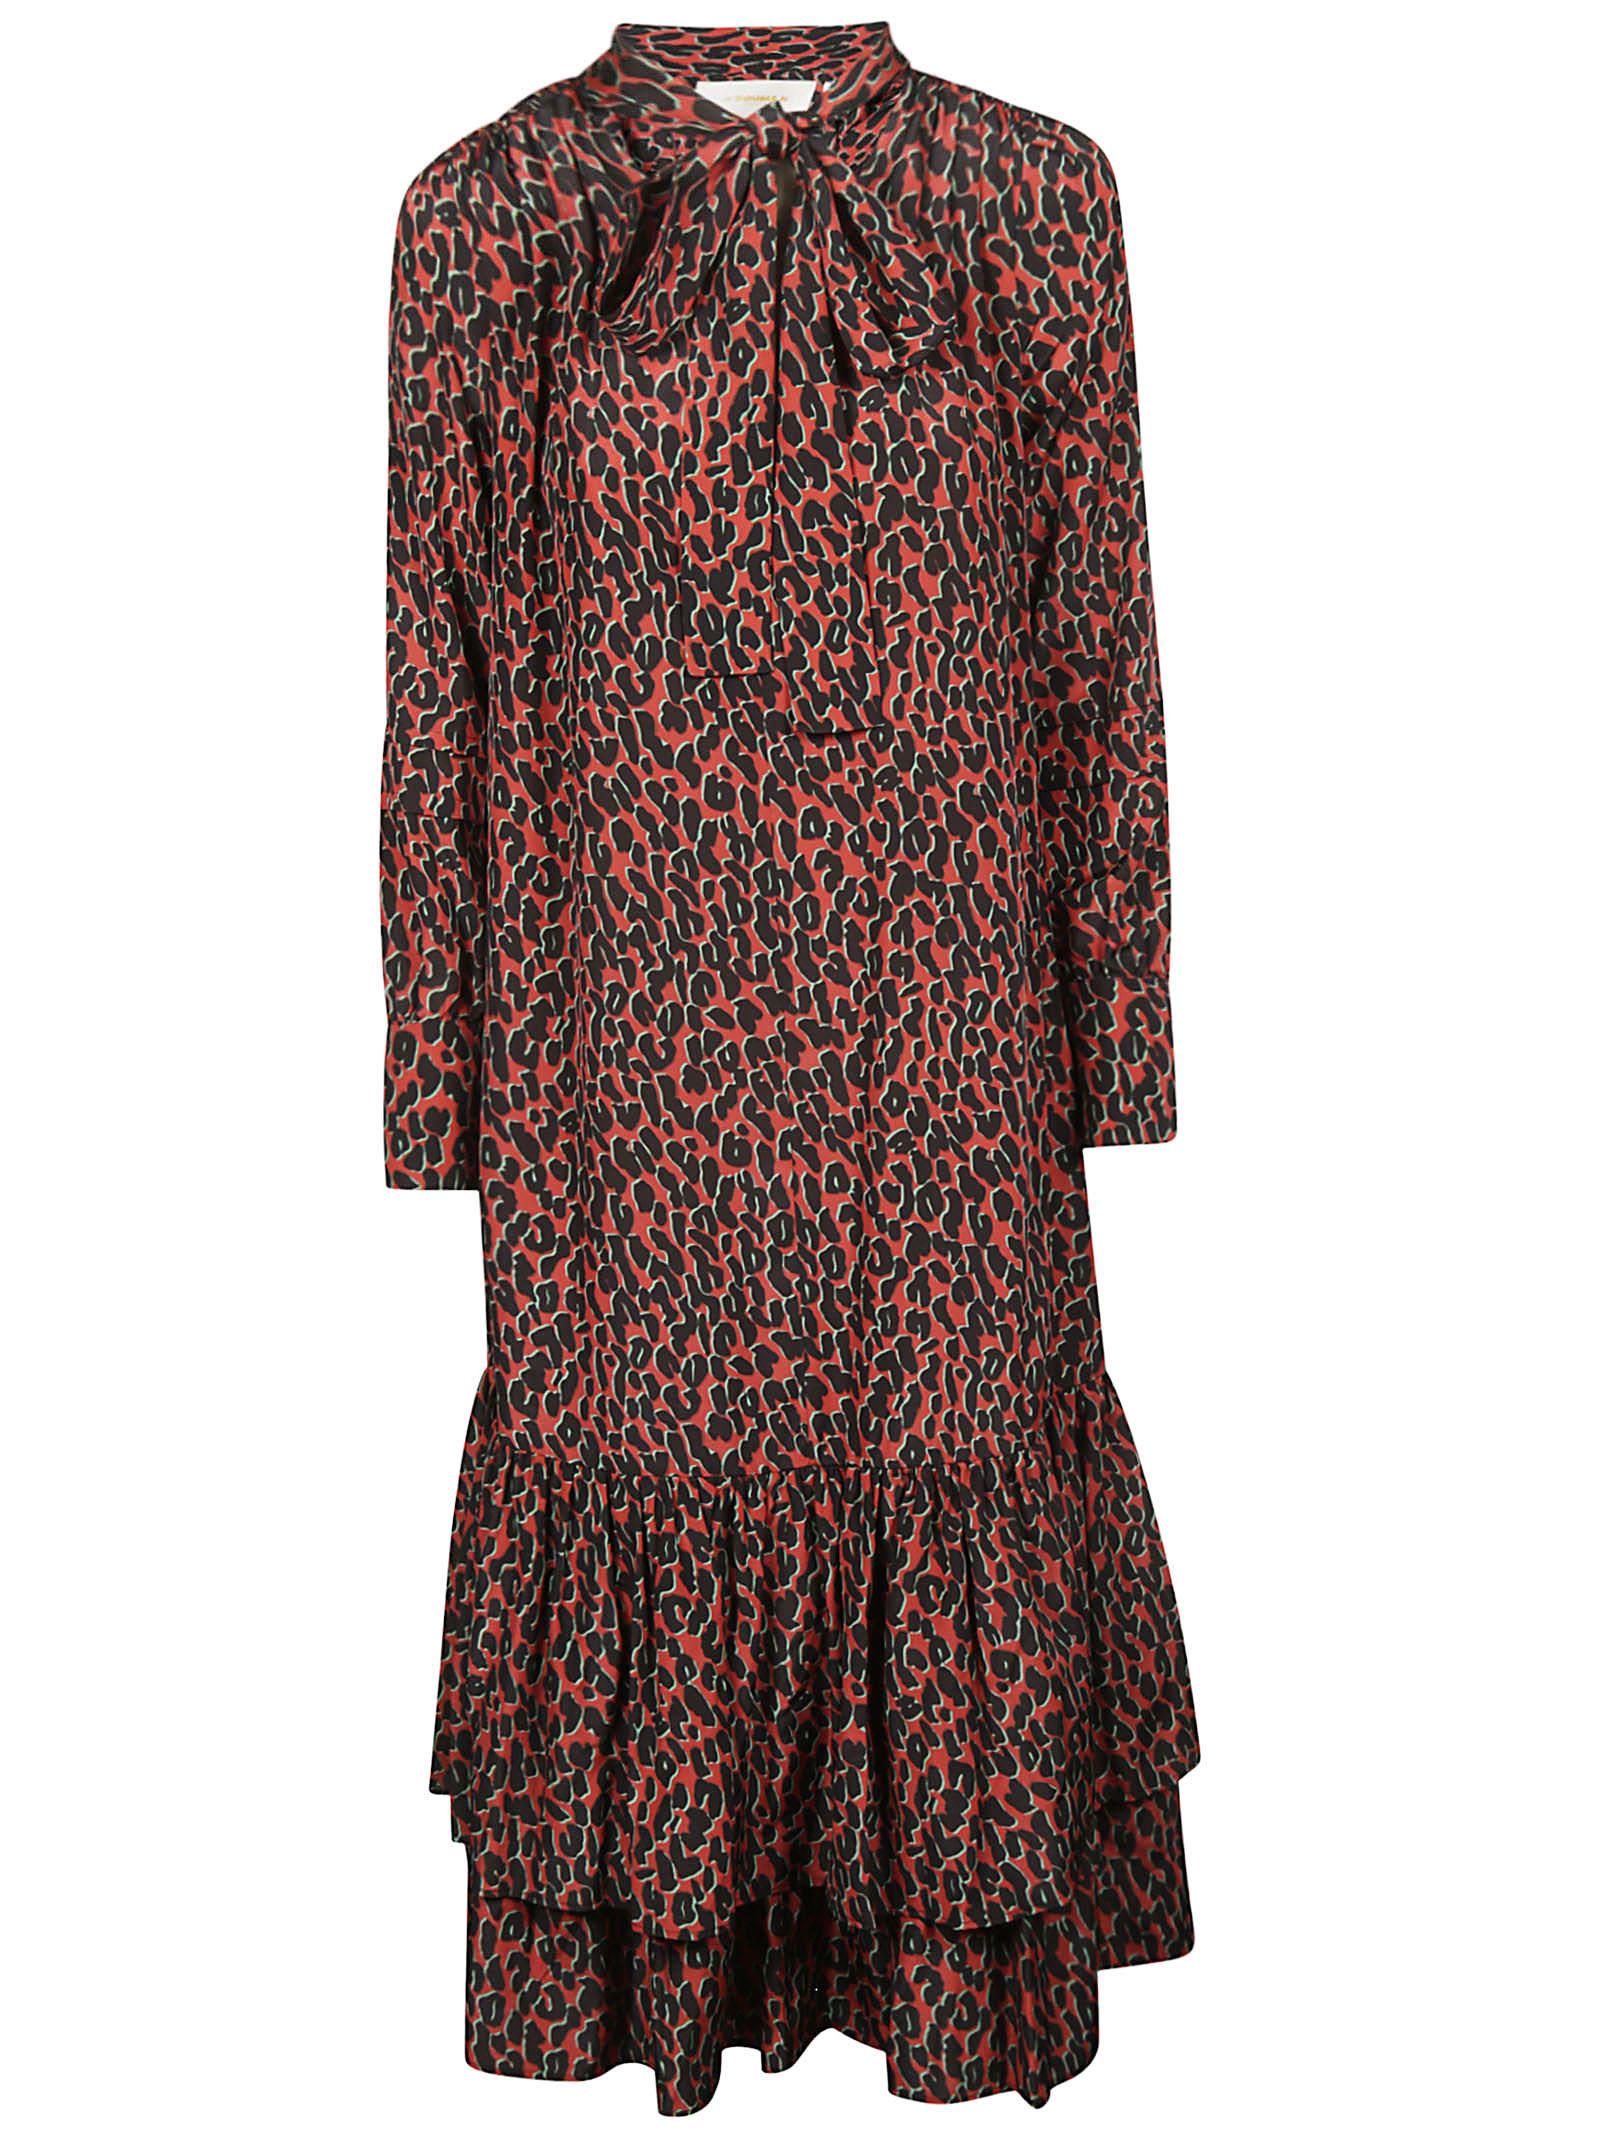 La DoubleJ Leopard Dress